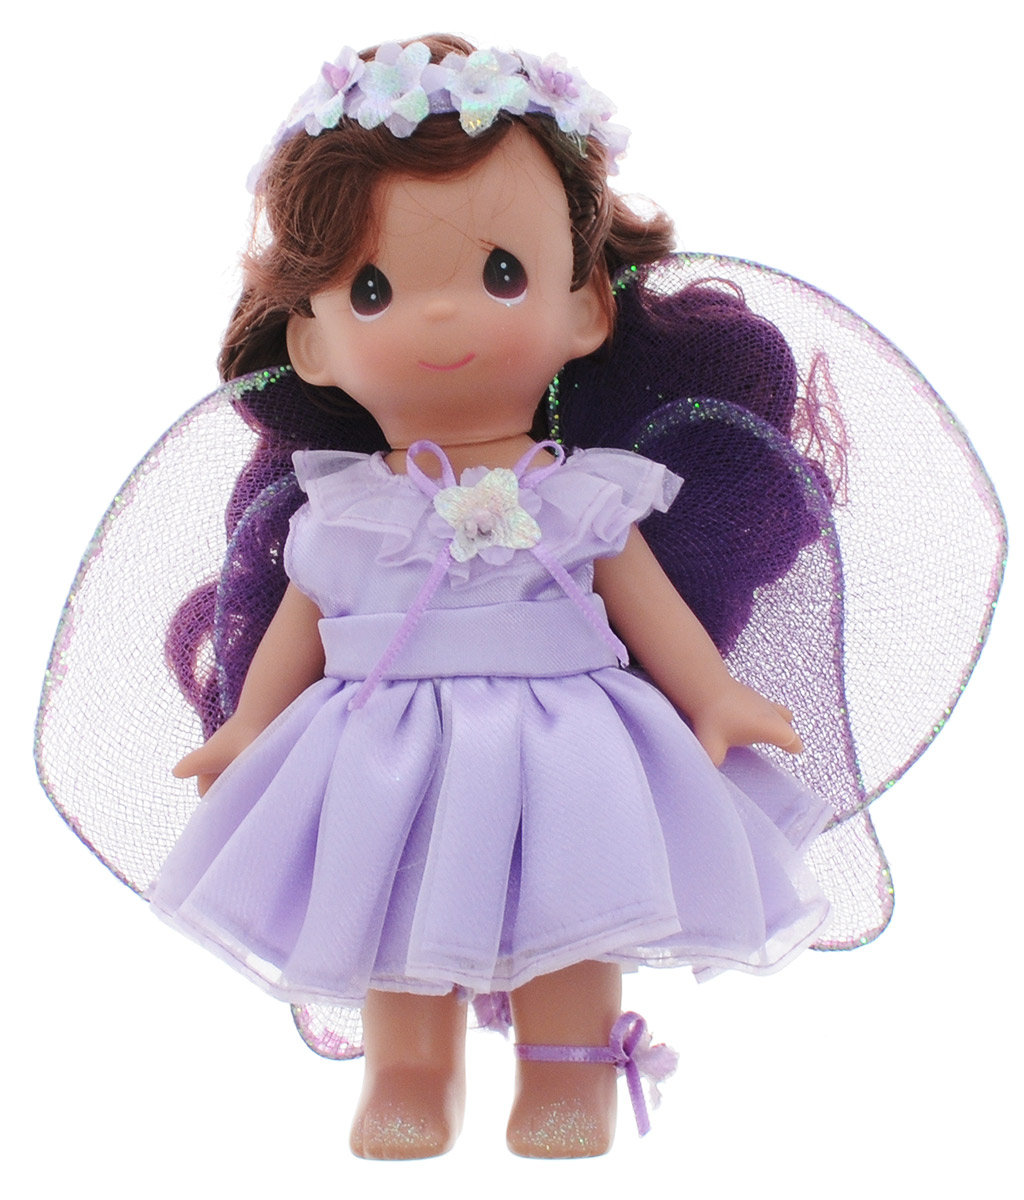 Precious Moments Мини-кукла Фея Фиалка precious moments мини кукла пастушка цвет платья светло коралловый